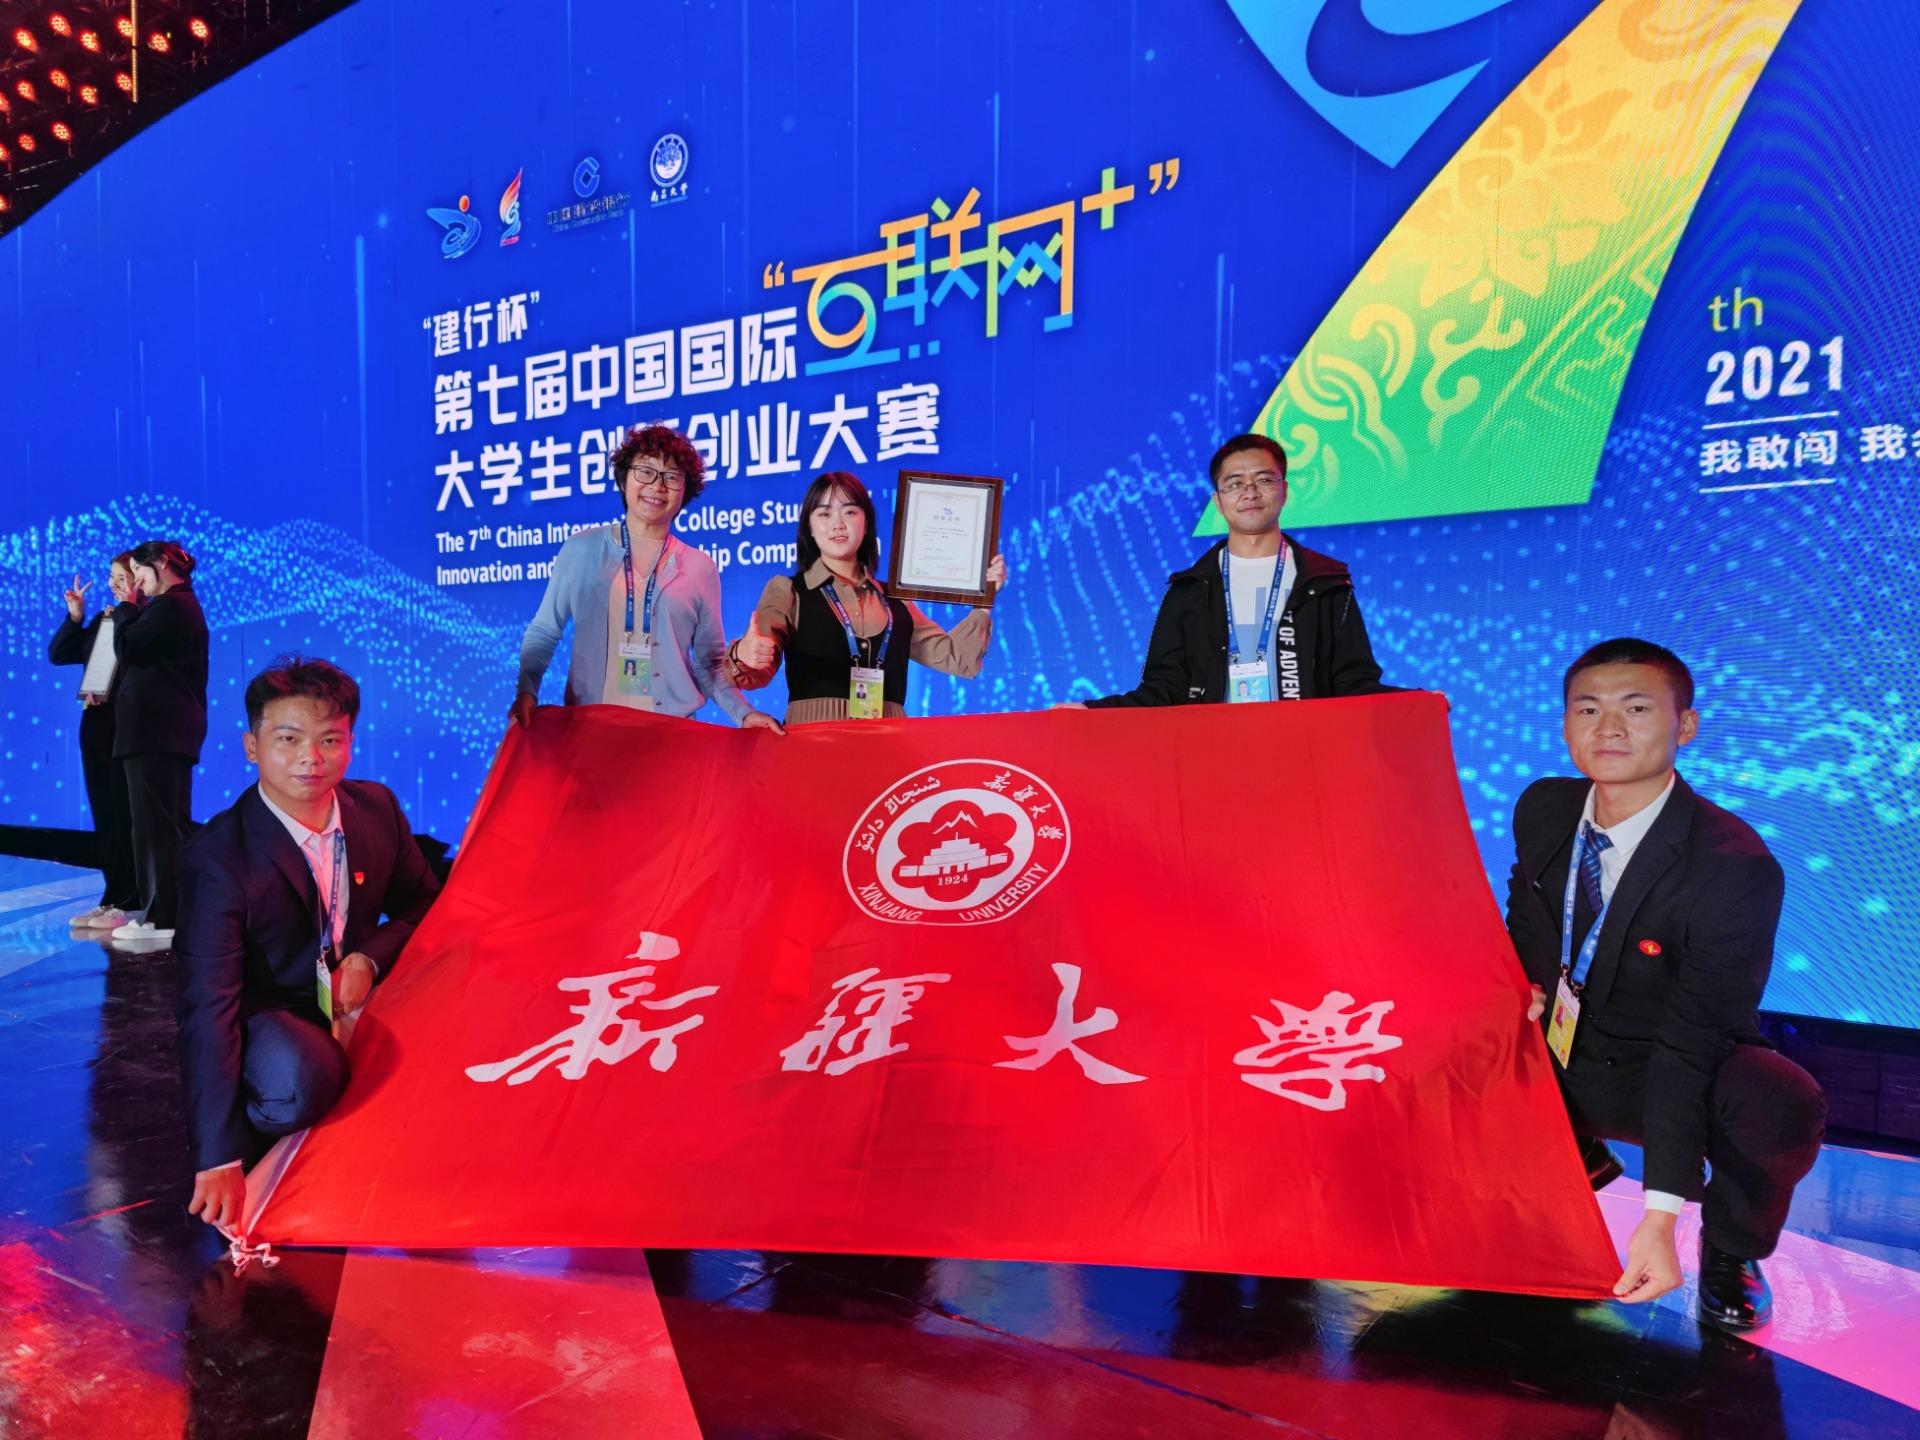 """重大突破!我区在第七届中国国际""""互联网+""""大学生创新创业大赛全国总决赛中..."""